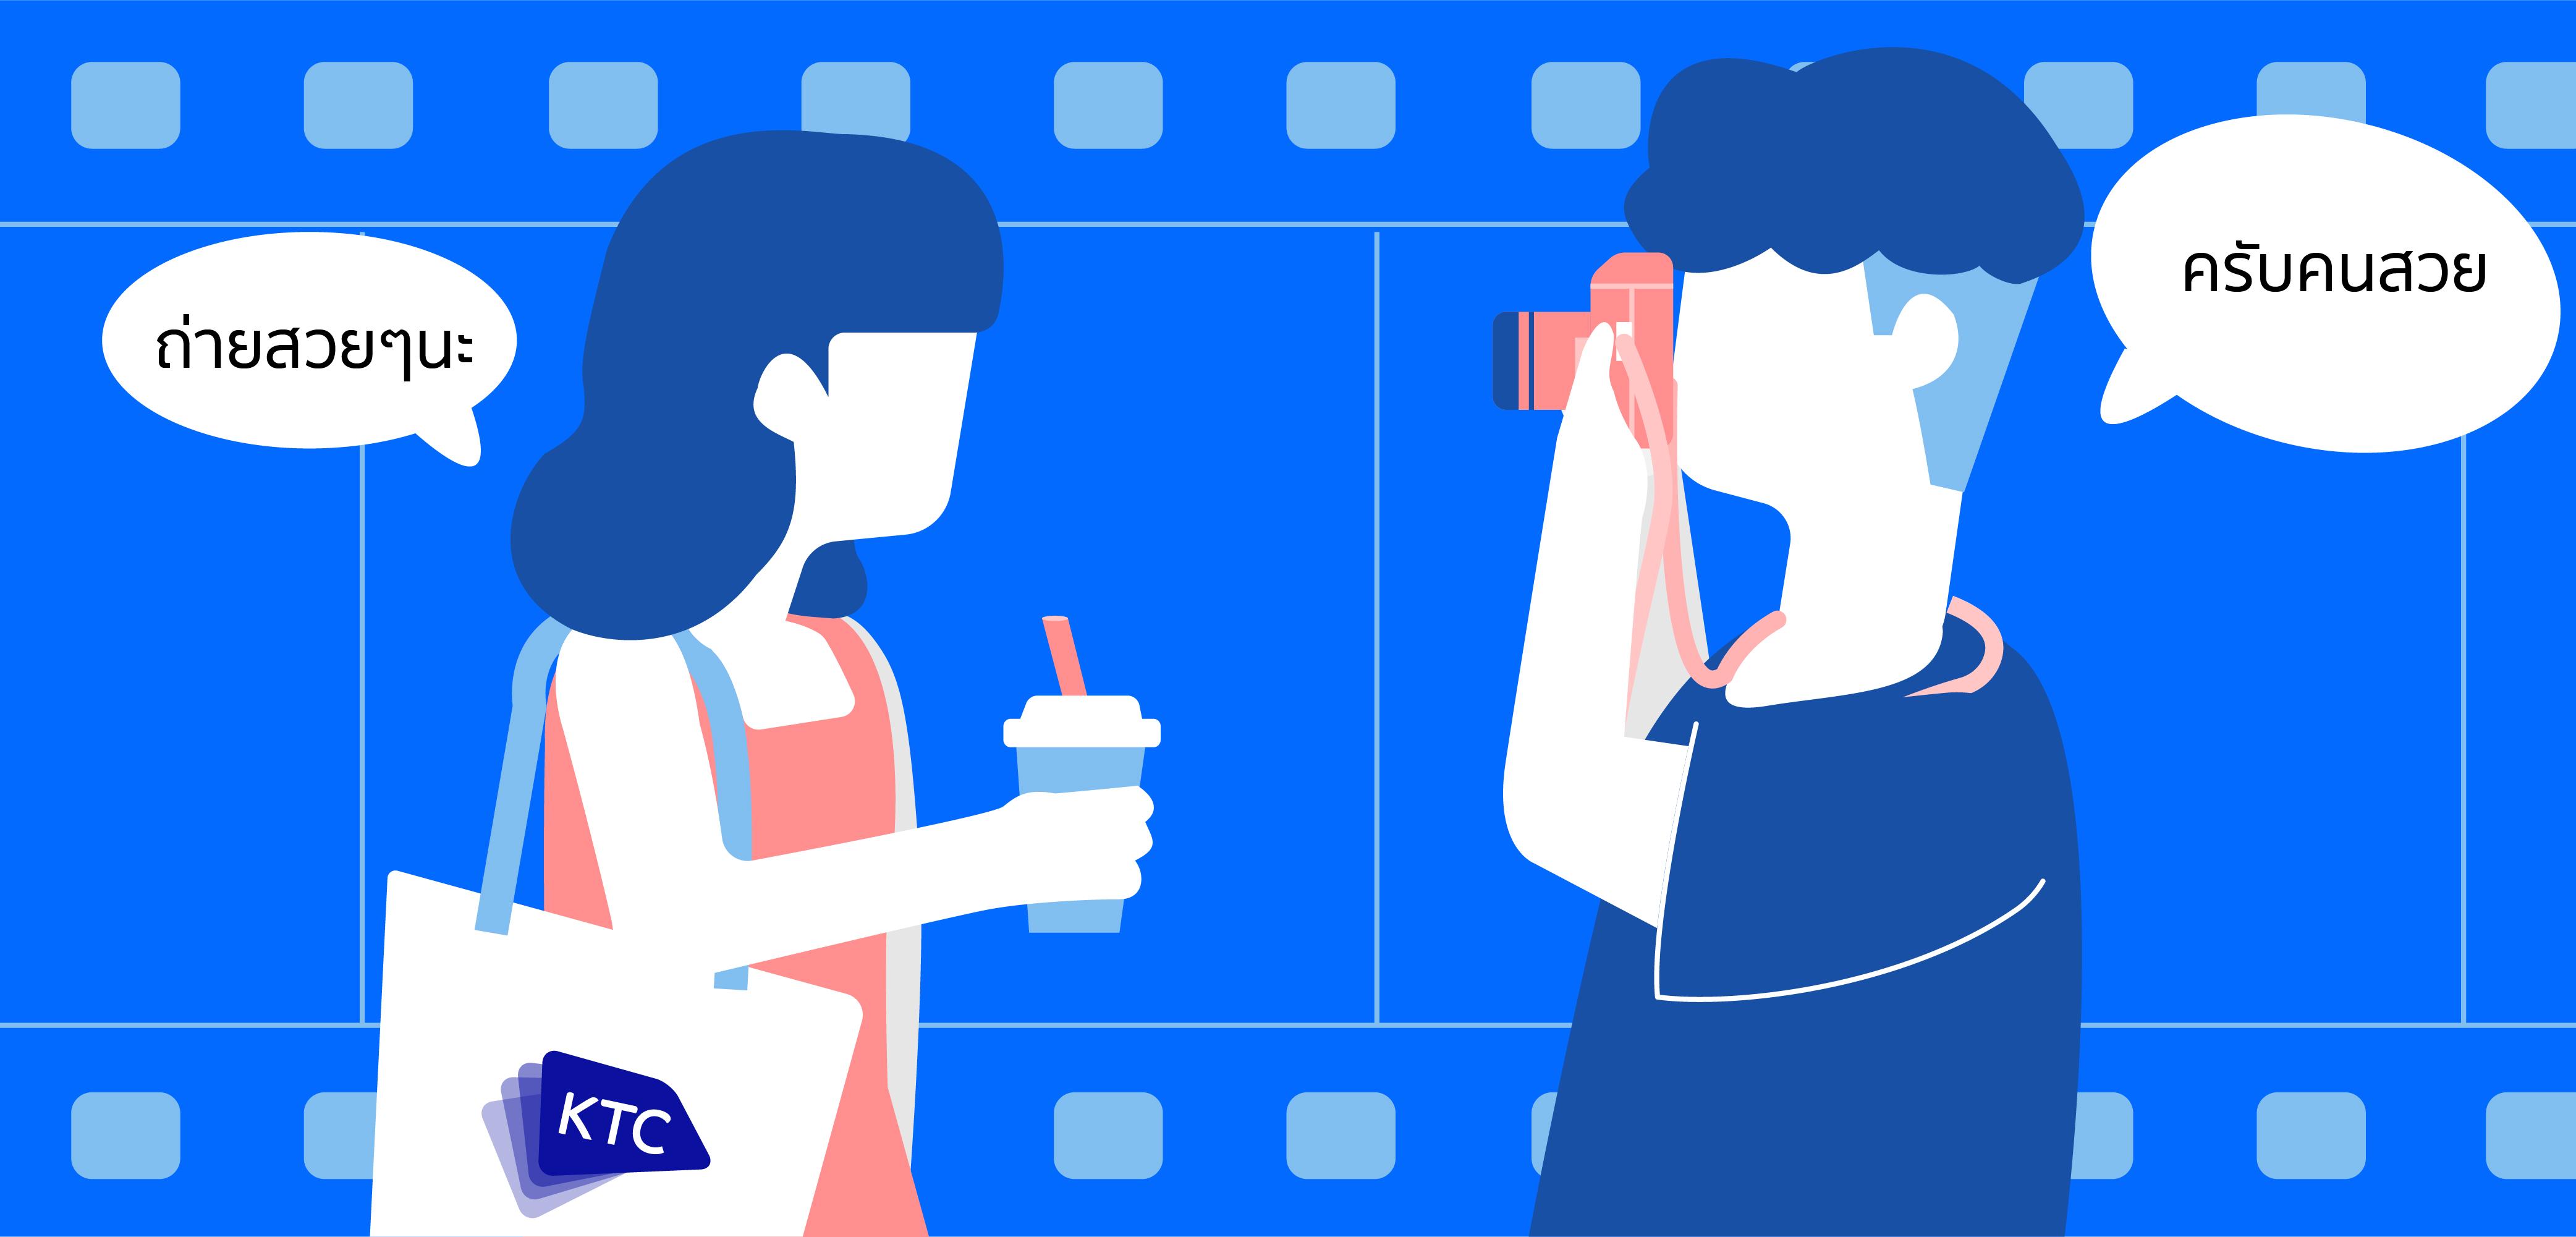 HOW TO เลือกฟิล์มยังไงให้เหมาะกับสไตล์ตัวเอง